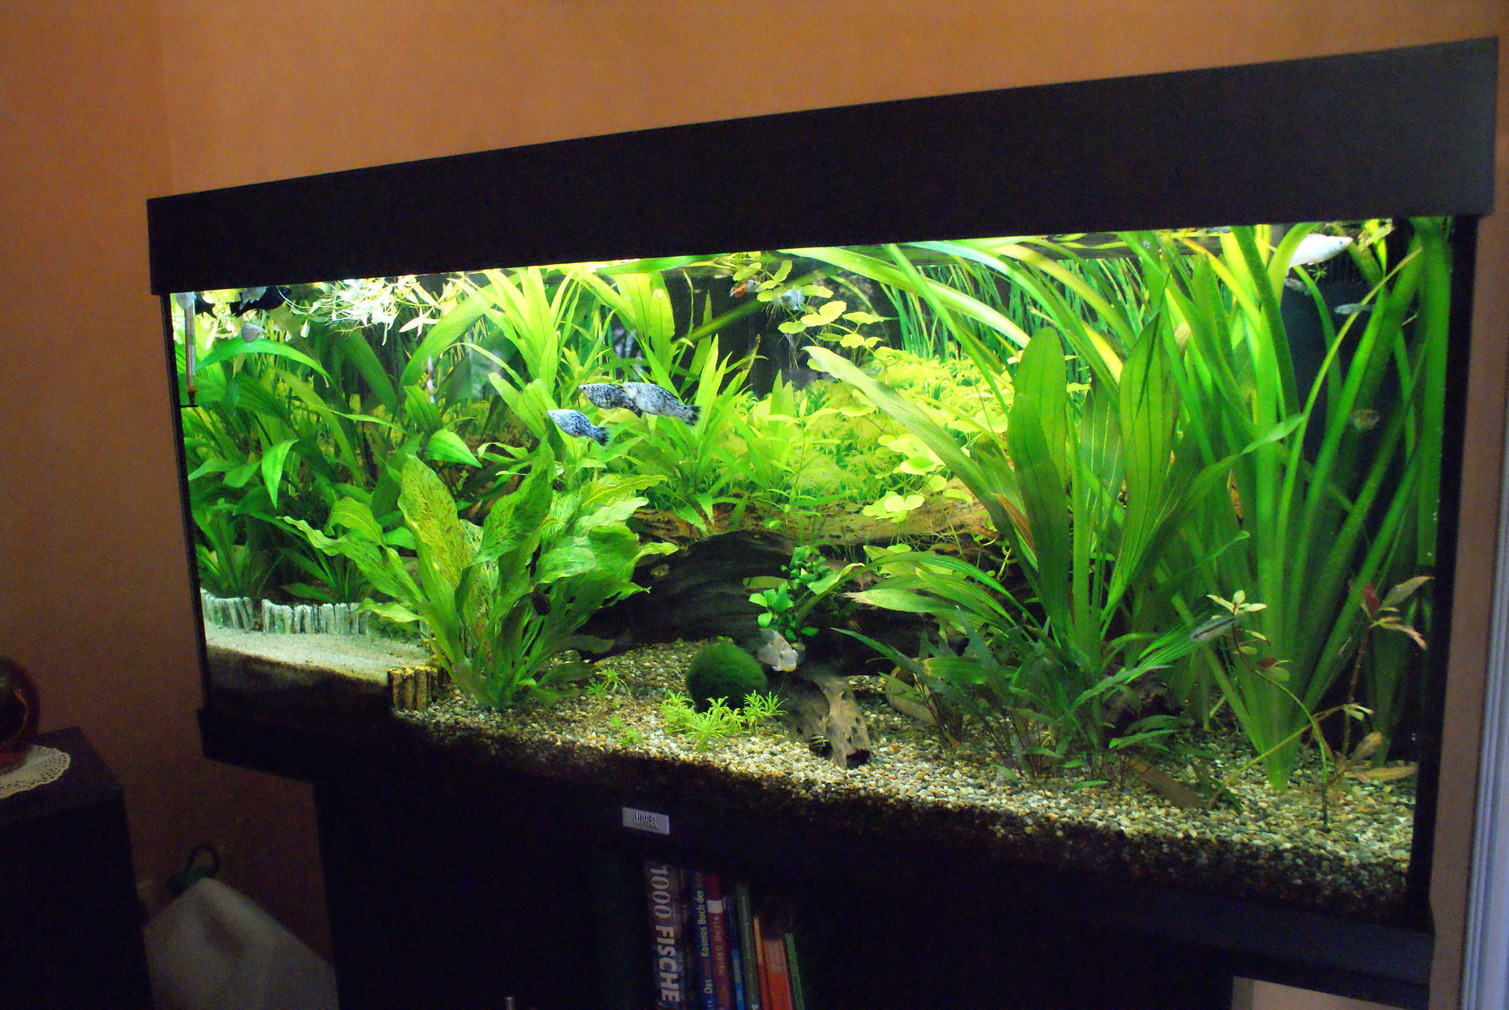 Mein 180 liter aquarium seite 4 aquarium forum for Aquarium einrichtung